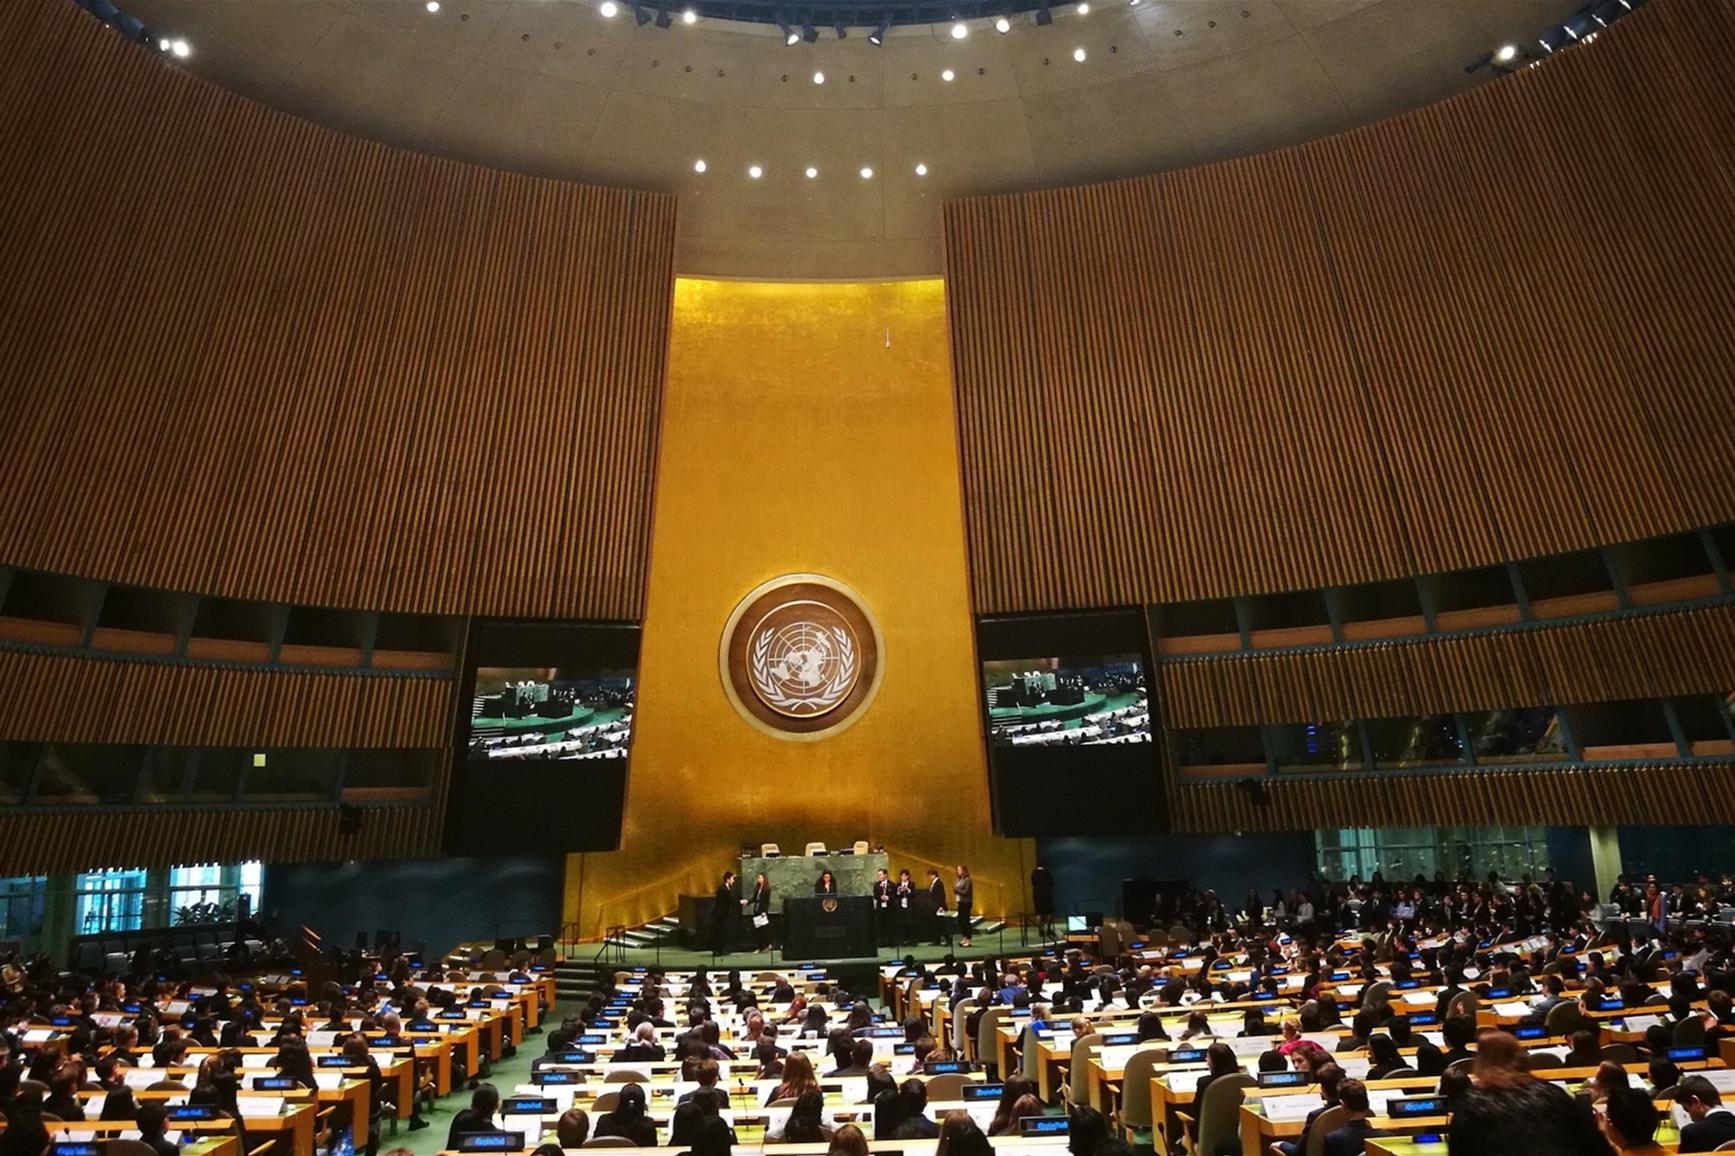 我校学子模联峰会载誉归来,联合国总部展亮河南声音